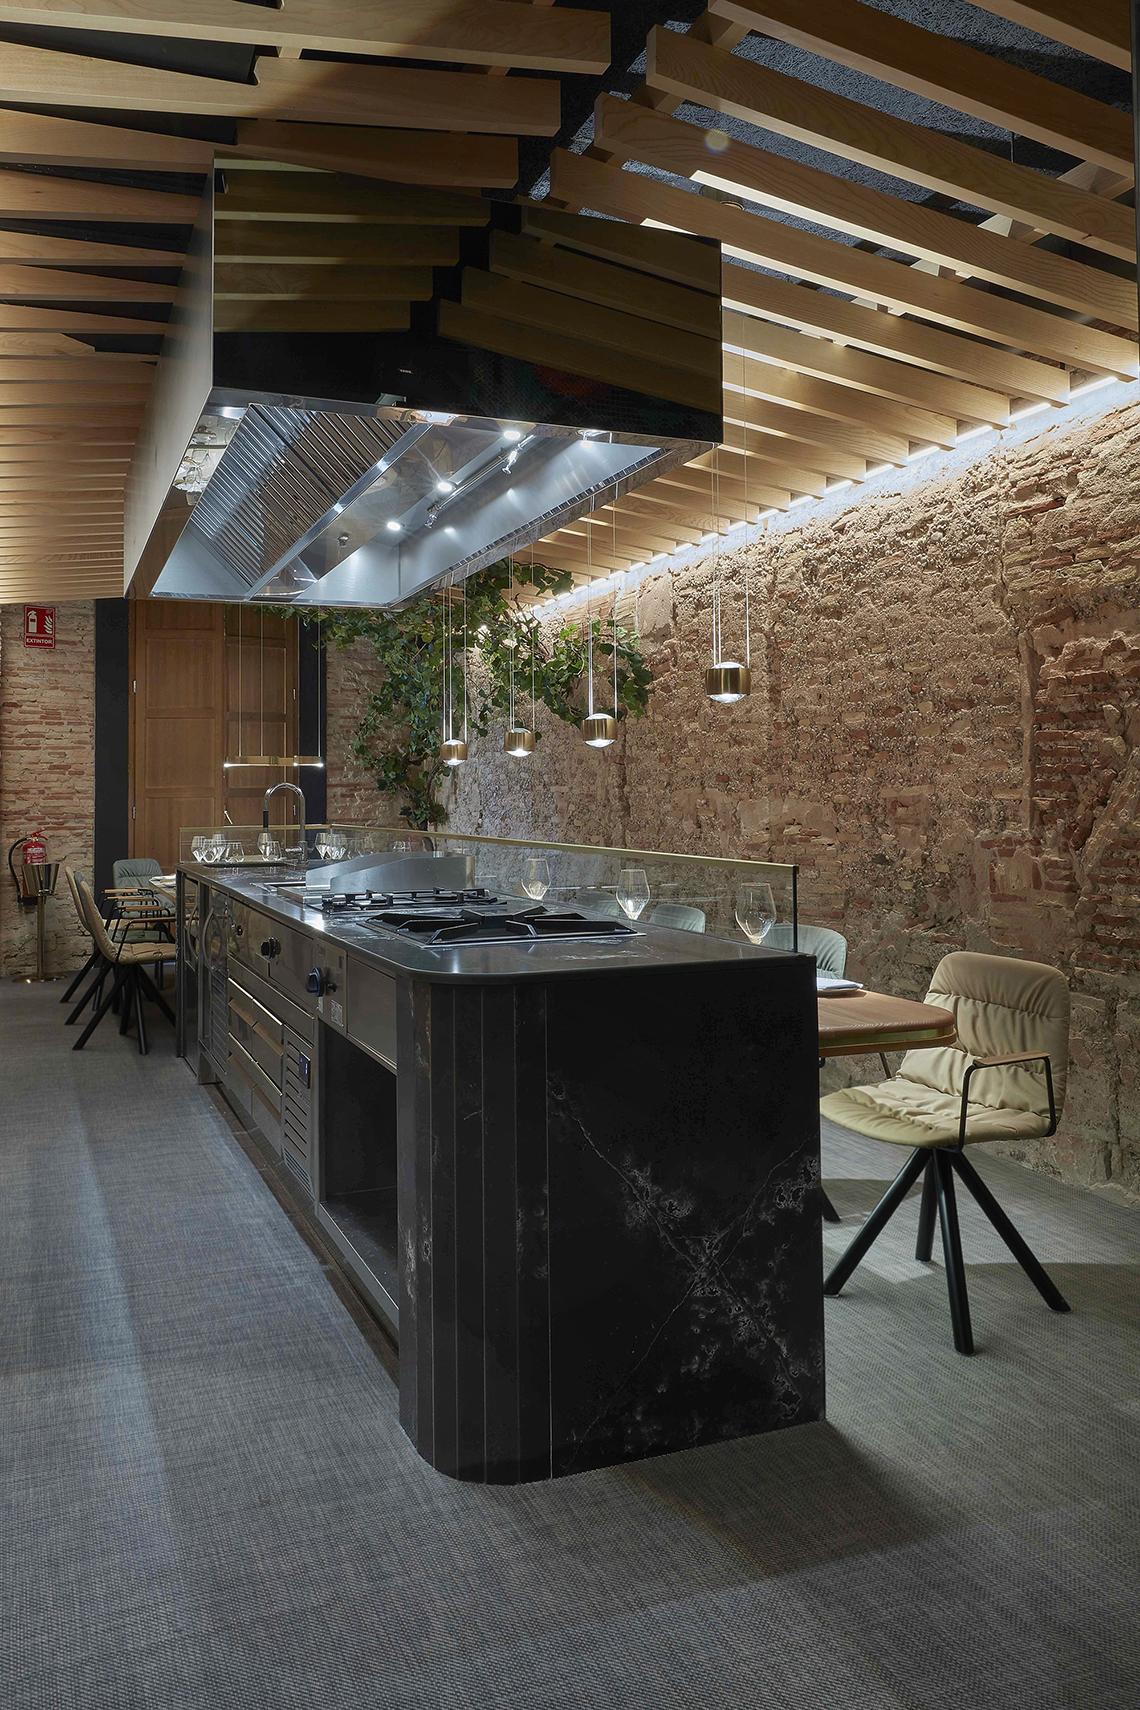 Vaqueta Gastro Mercat Restaurant